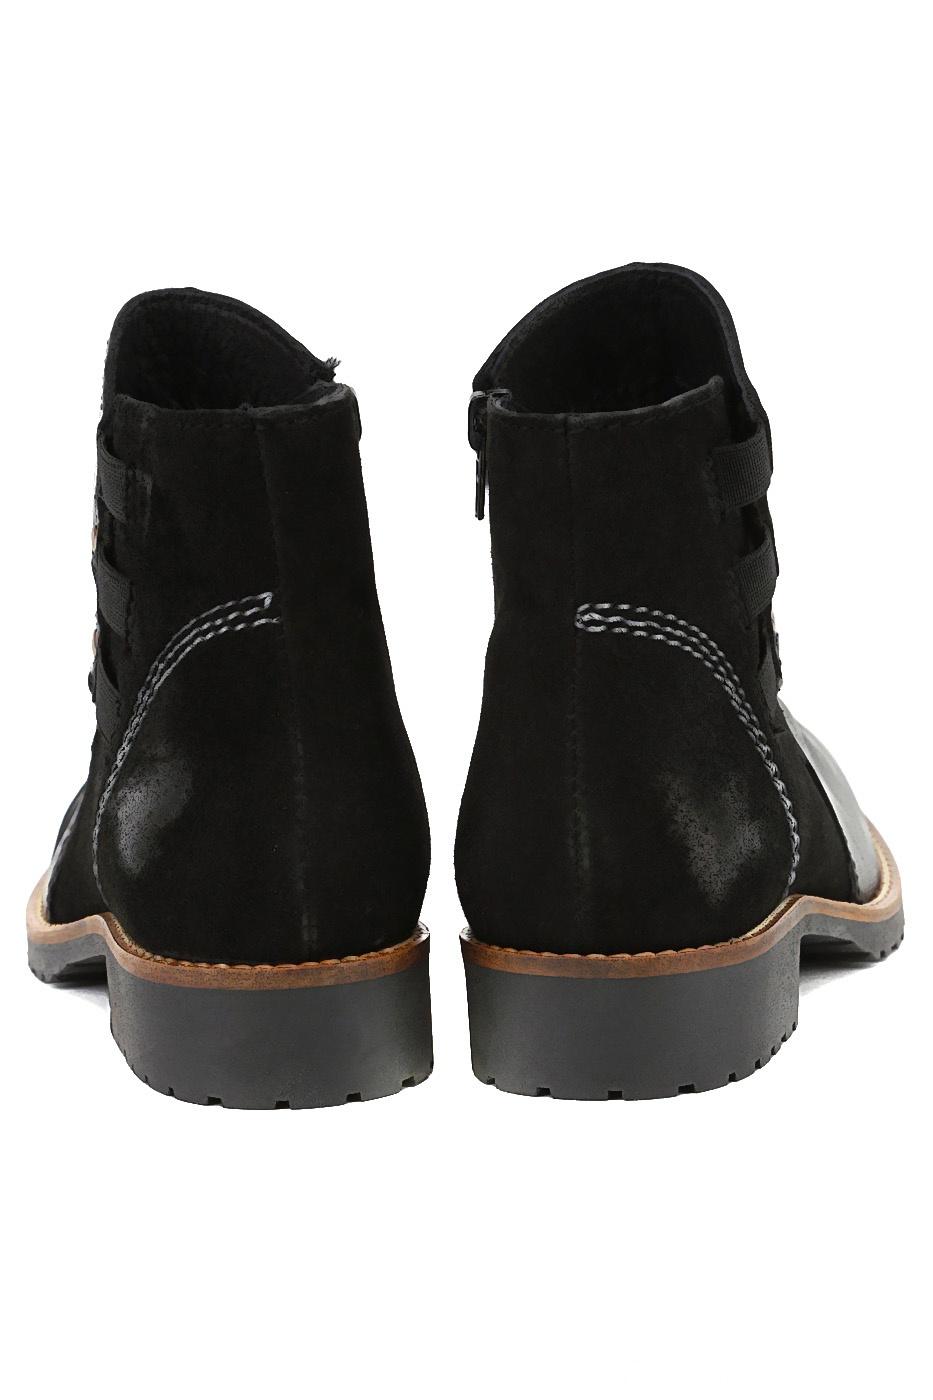 Кожаные ботинки Dali 40 размера